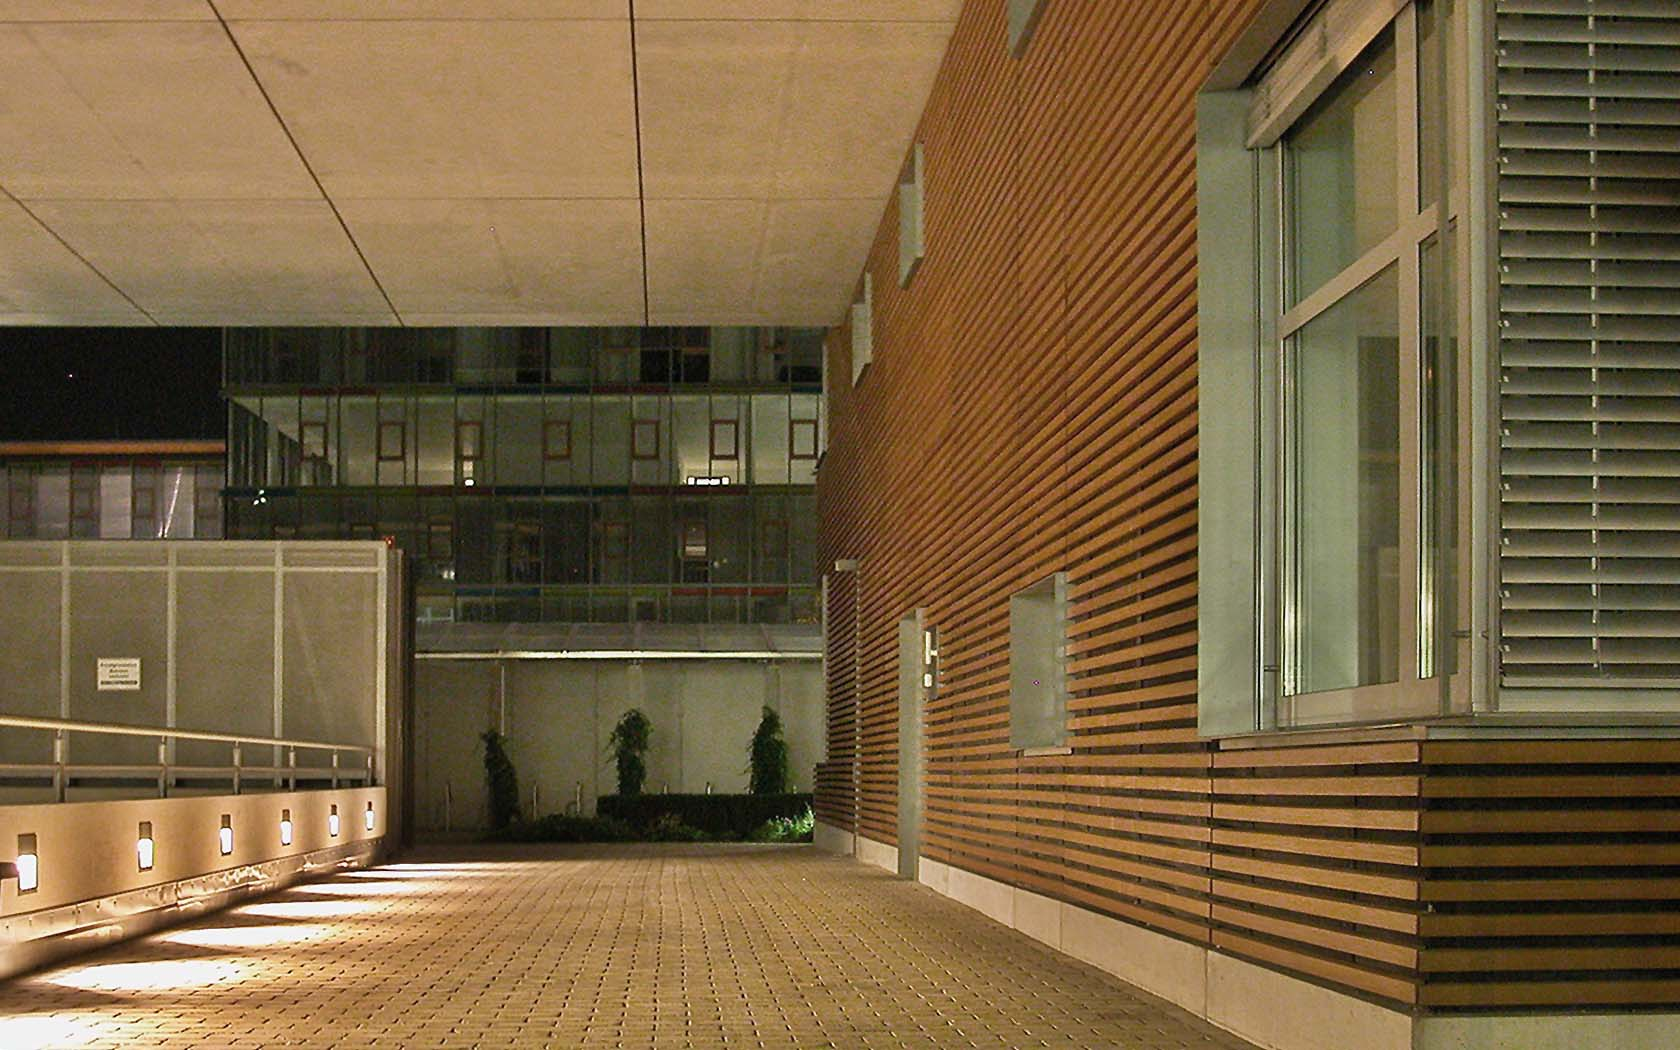 Messe Campus Riem 05